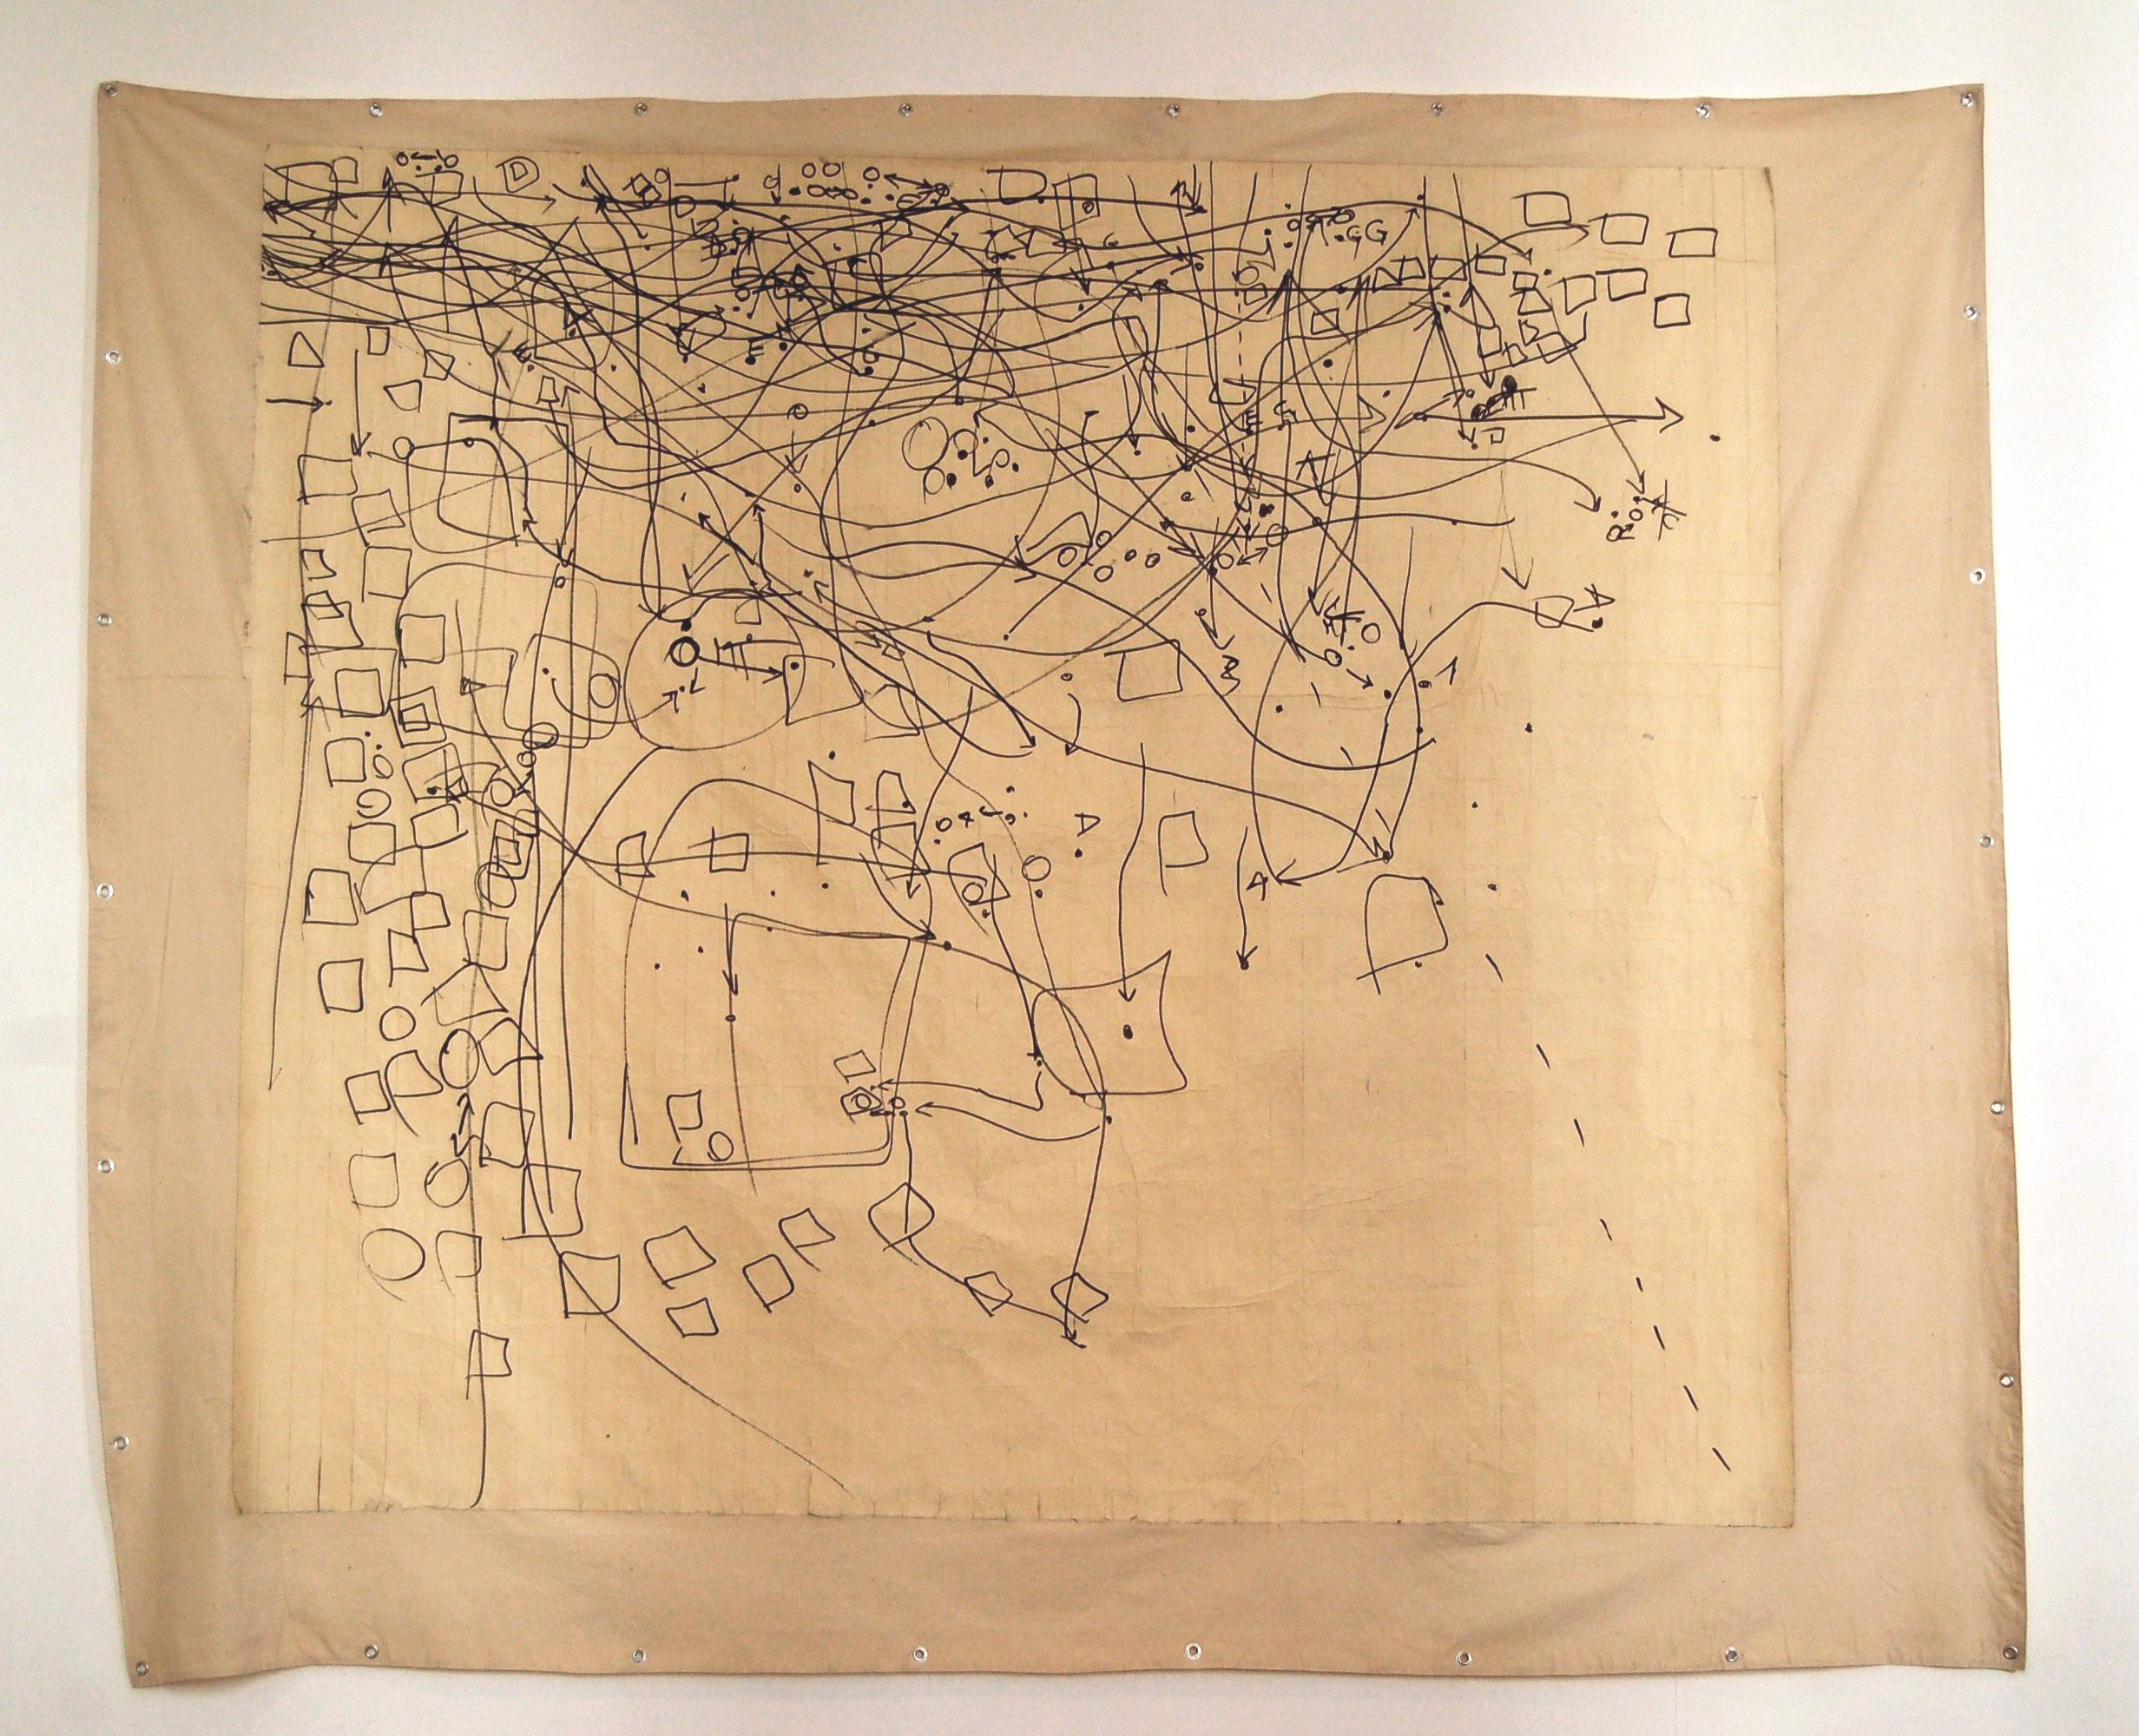 Giulia-Gallo-Remembering-Maps-Serie-pennarello-indelebile-nastro-adesivo-su-tela-250x300-cm-2011-Remembering-Maps-Series-marker-paper-tape-on-canvas-2